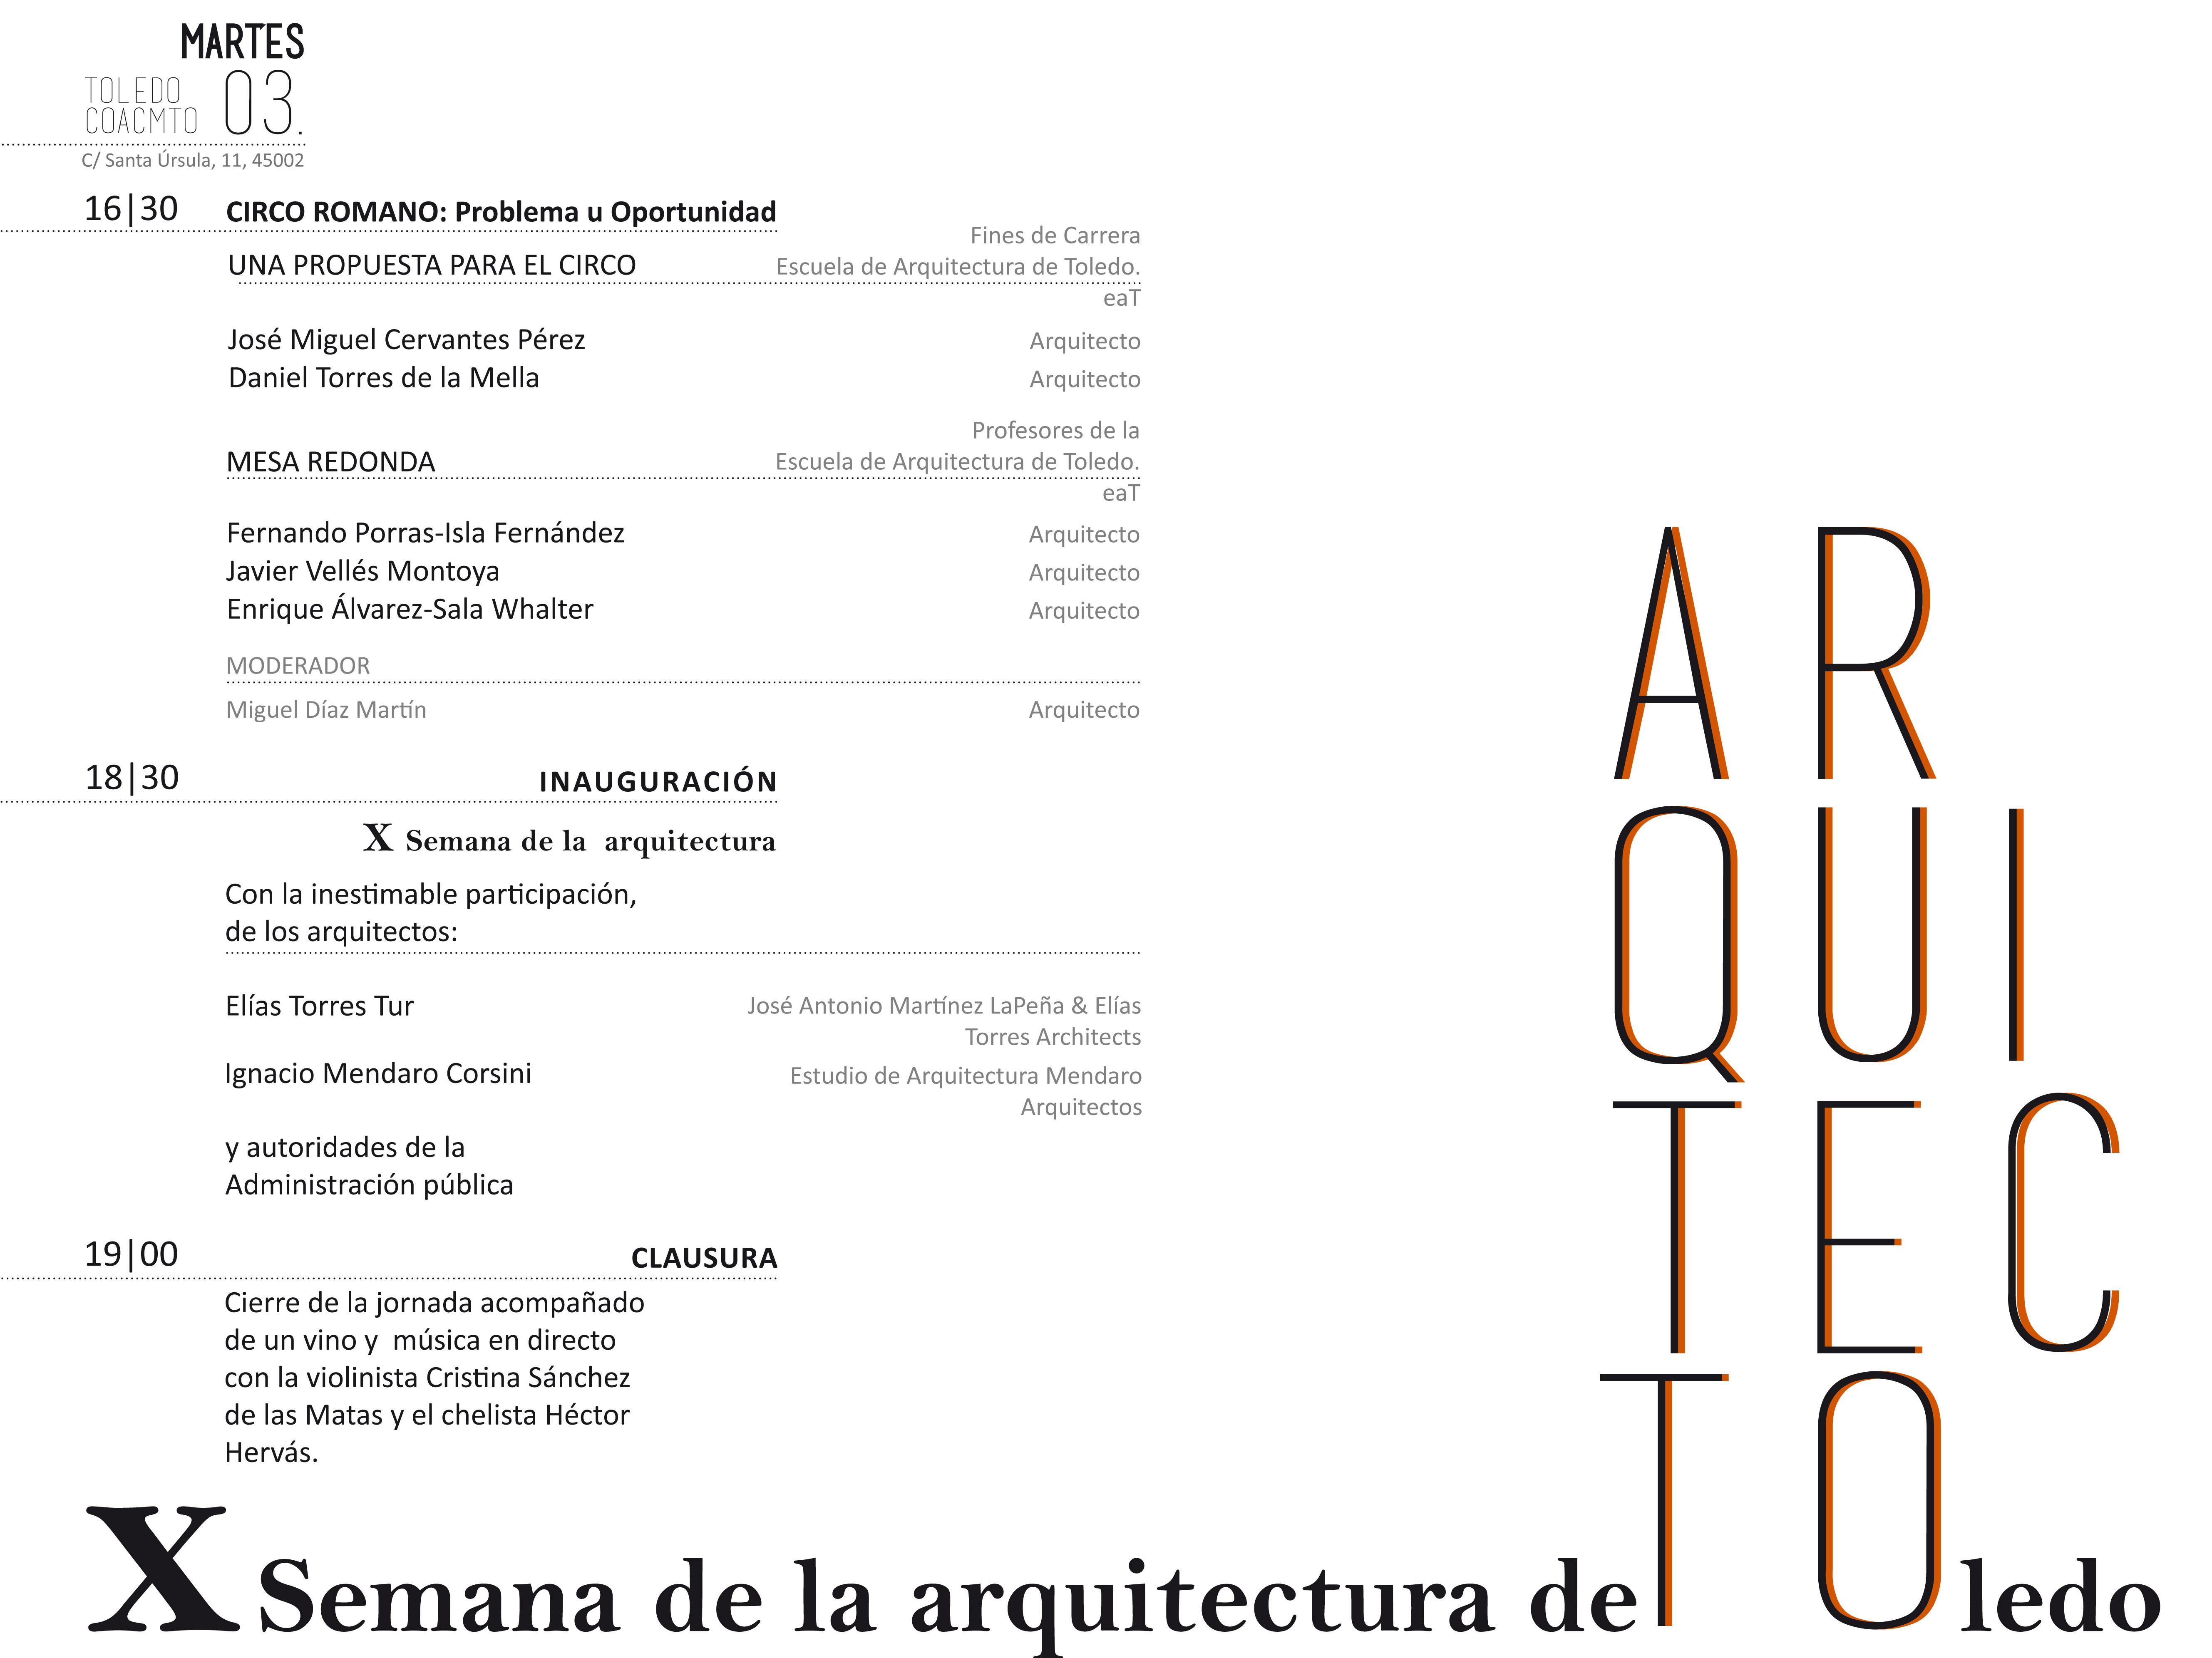 El 3 De Octubre, Enrique Álvarez Sala Participará En La Mesa Redonda Para  Debatir Sobre Las Oportunidades Del Circo Romano De Toledo.